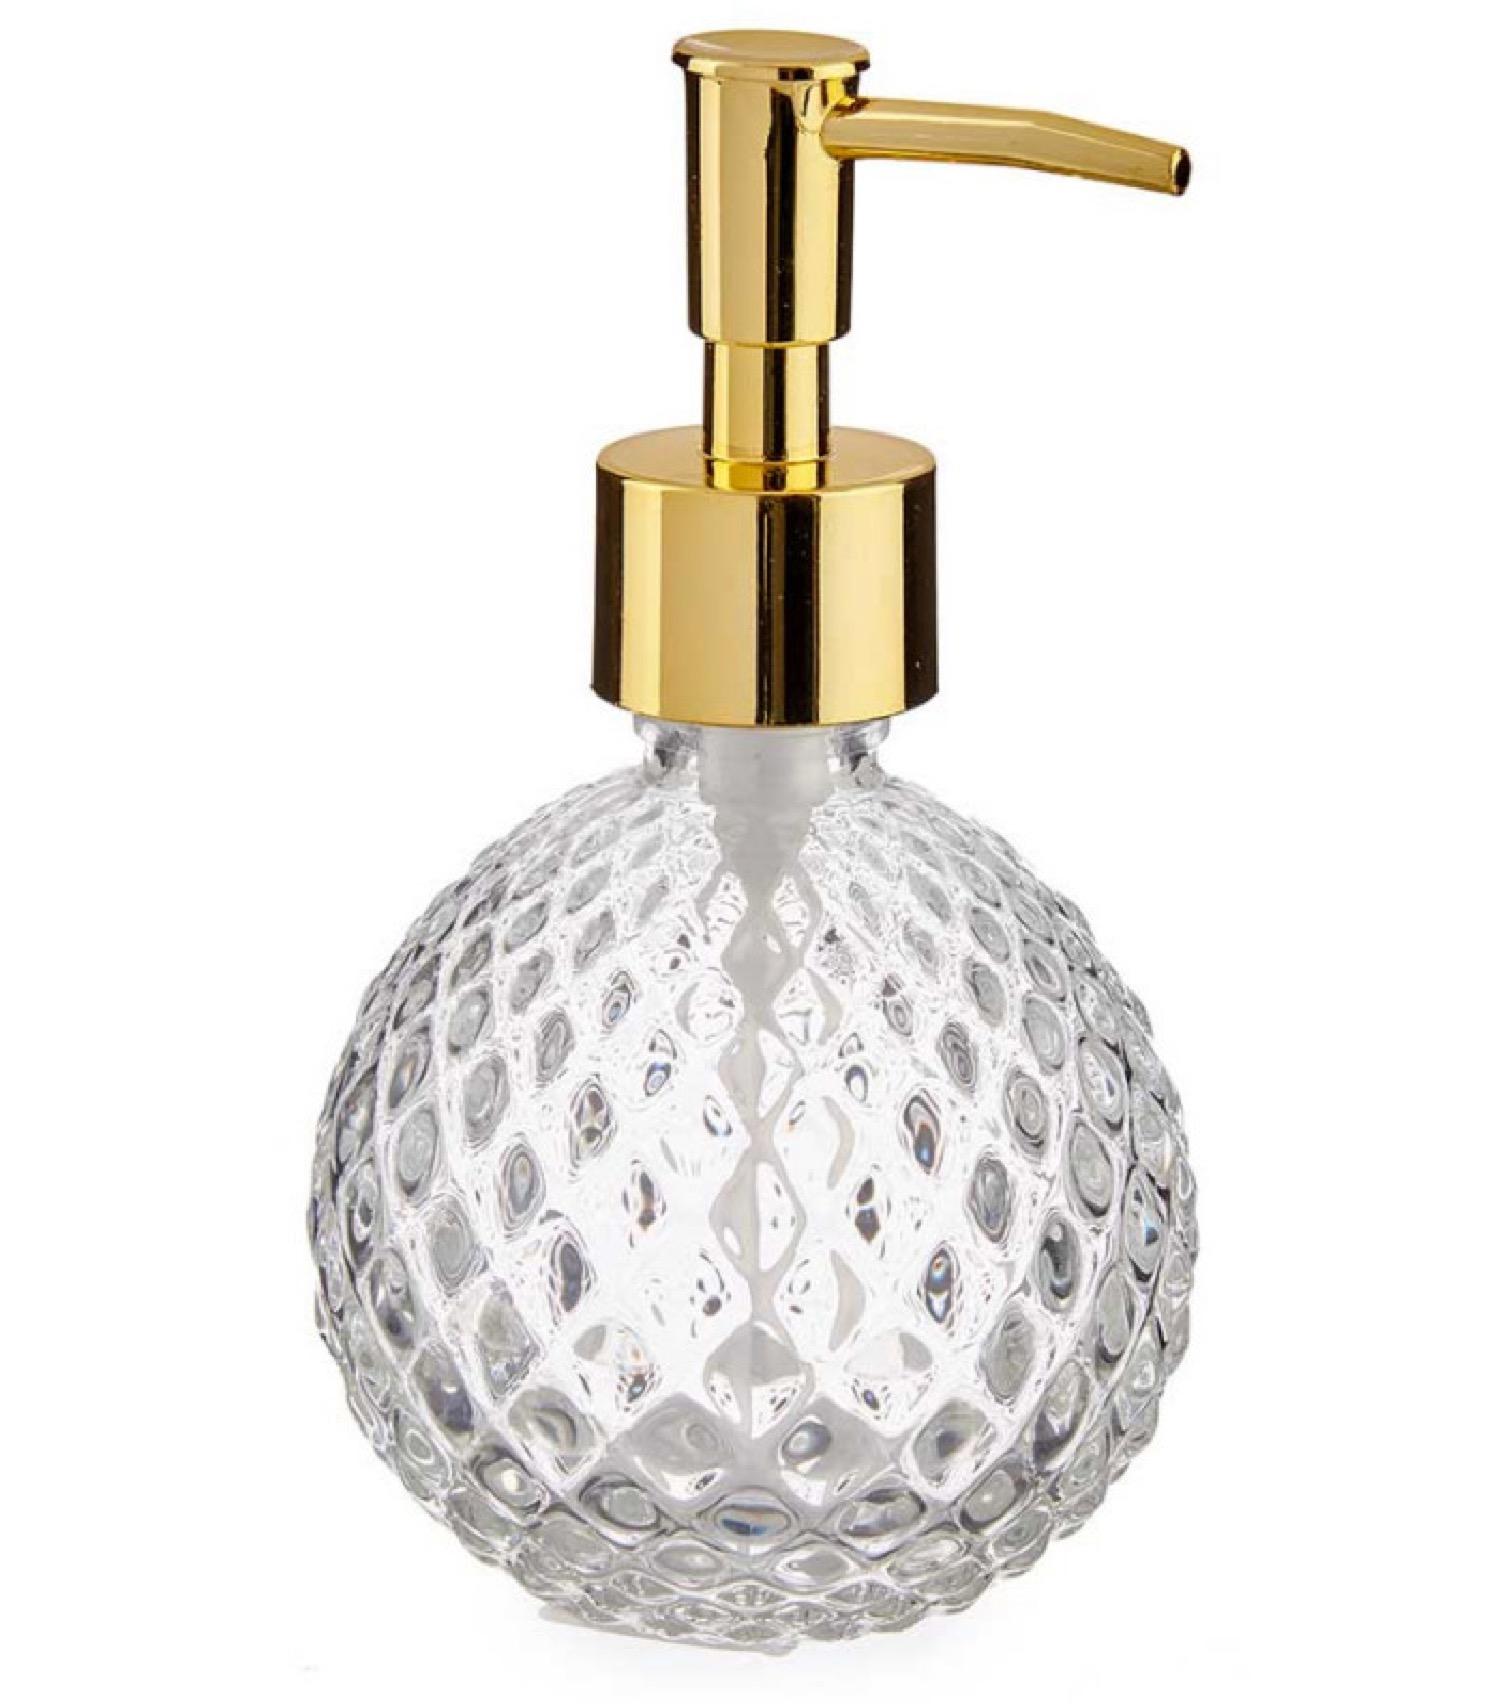 Distributeur de savon en verre et ABS doré 200ml